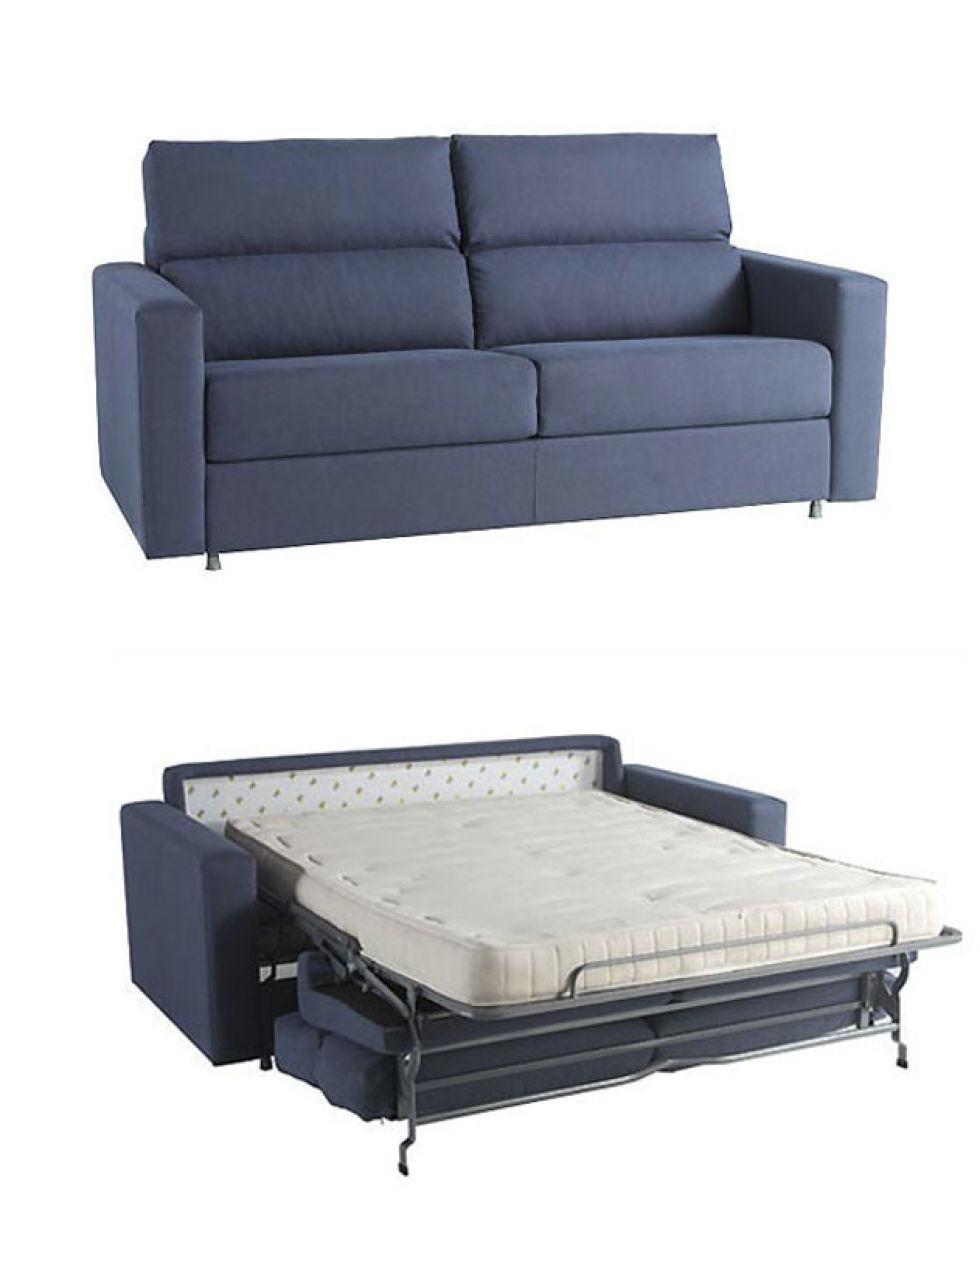 Sofa cama en corte ingles for Sofas rinconeras el corte ingles